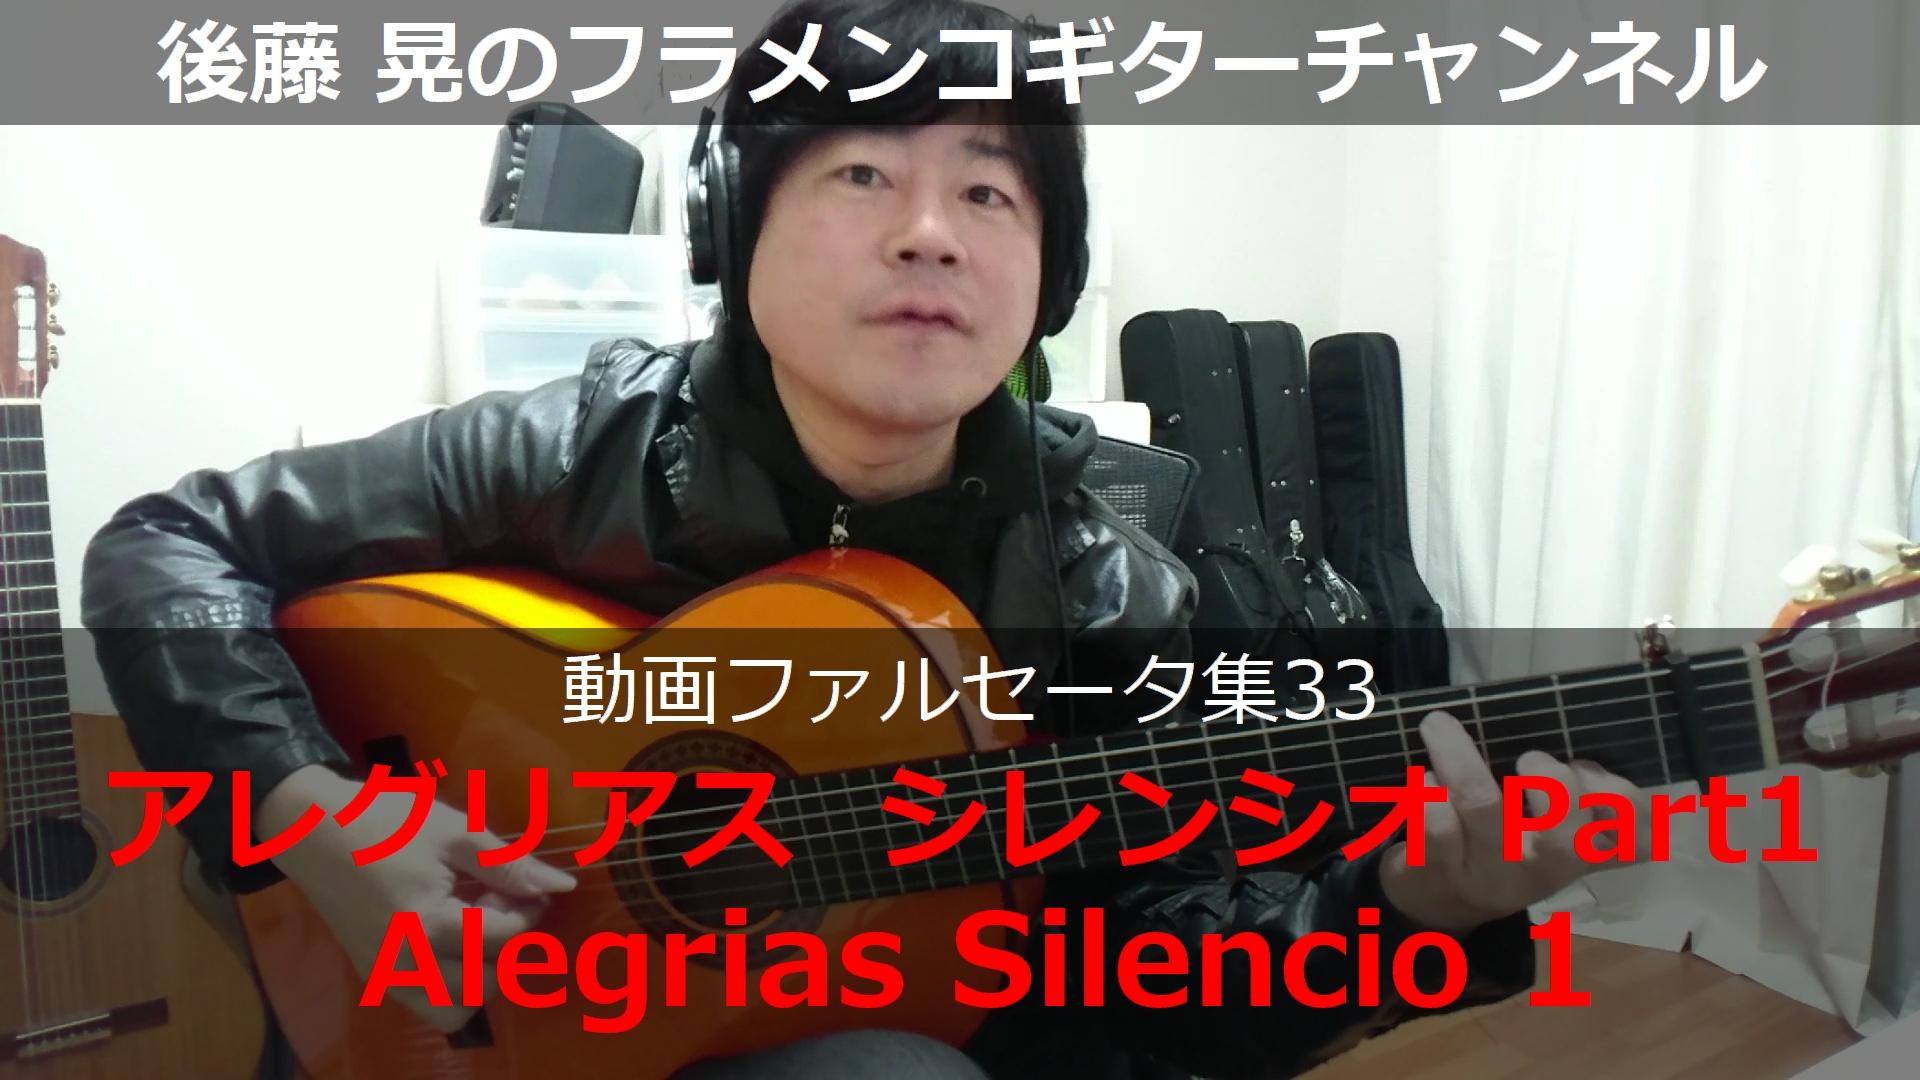 アレグリアス シレンシオ Part1 ギター演奏